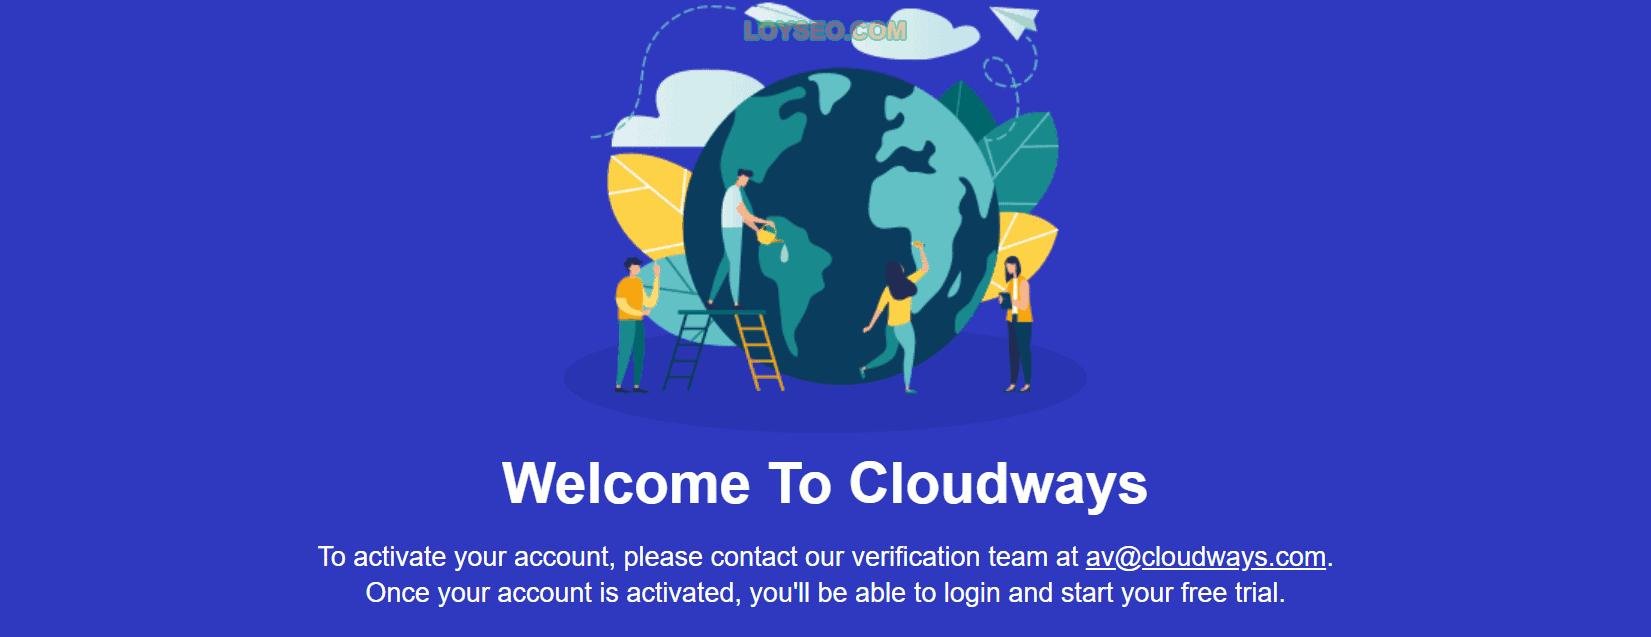 image 20 11 25 17 13 07 - Cloudways主机评测、建站教程、优惠券